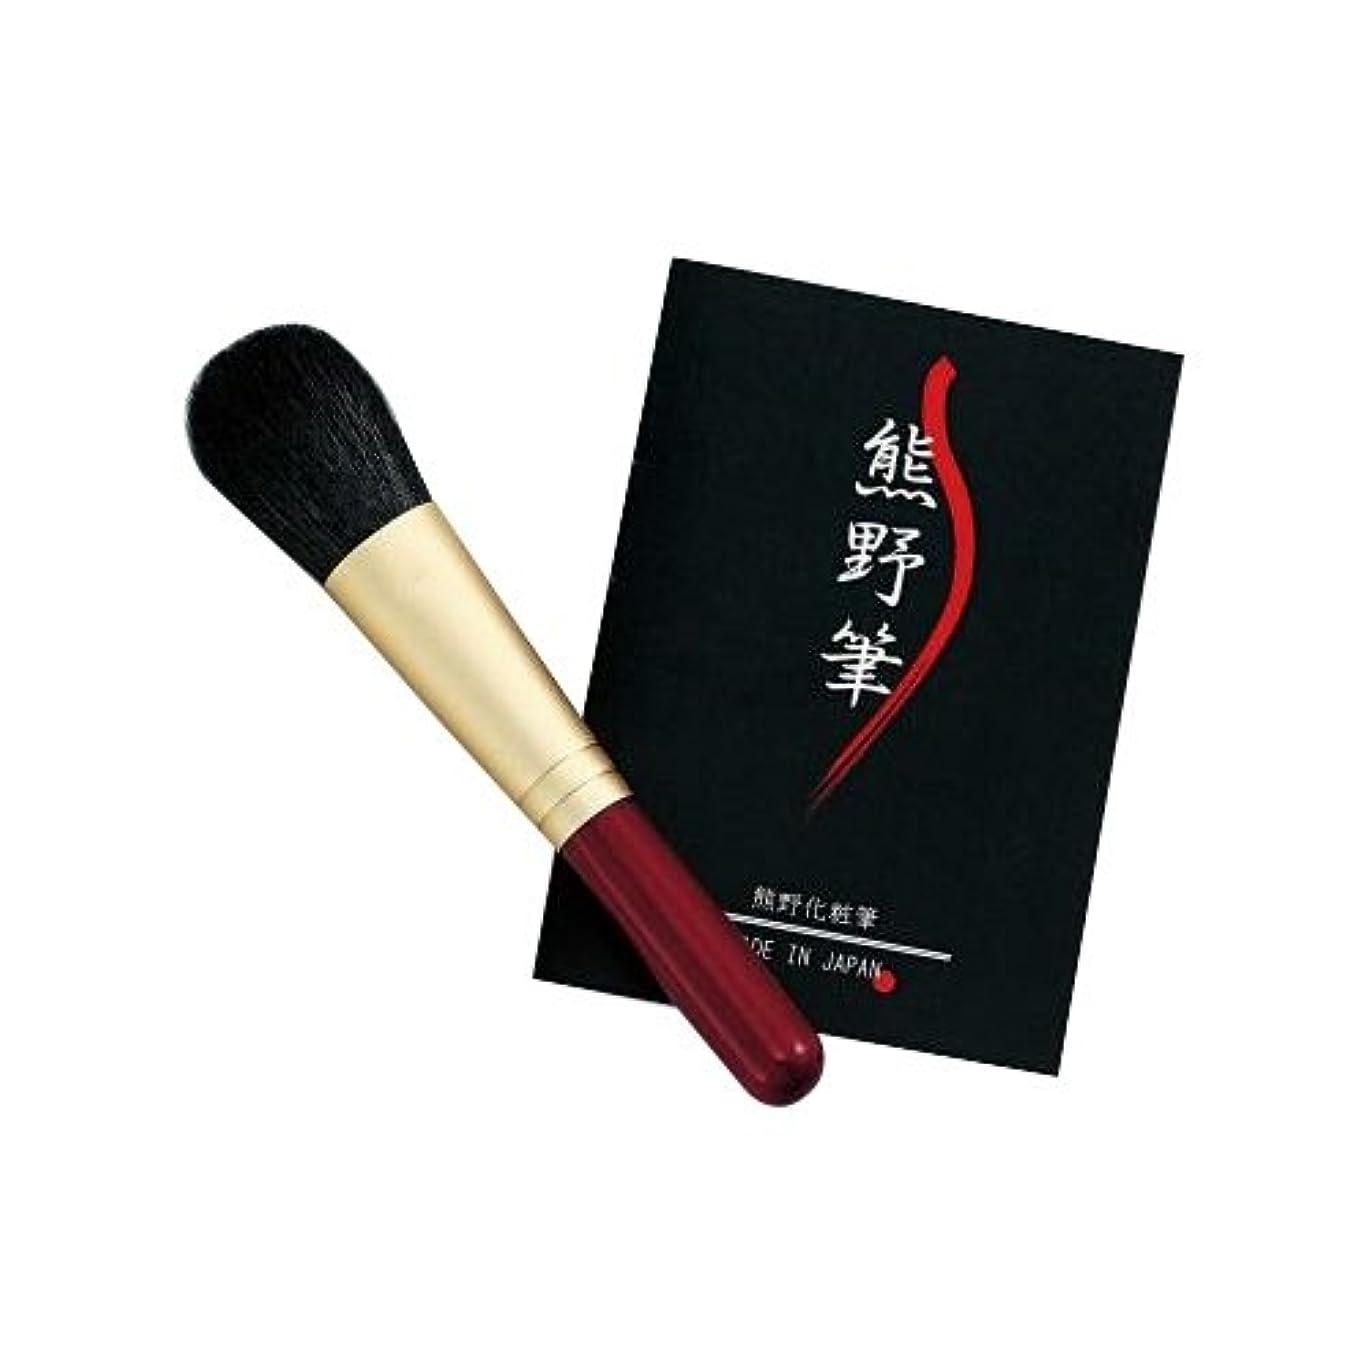 癒すコストアヒルゼニス 熊野化粧筆 筆の心 チークブラシ(ショート)